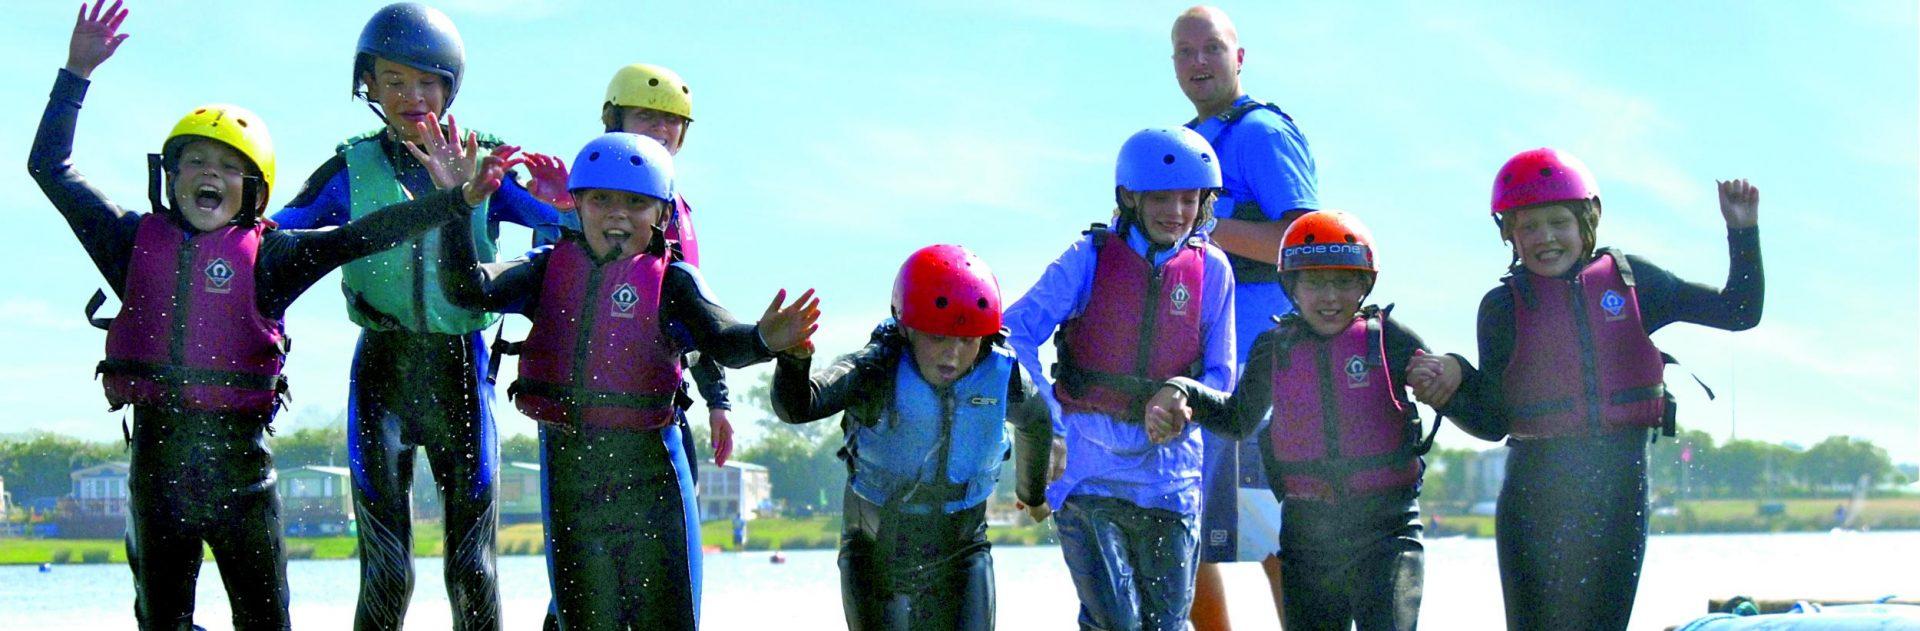 River kayaking water sports